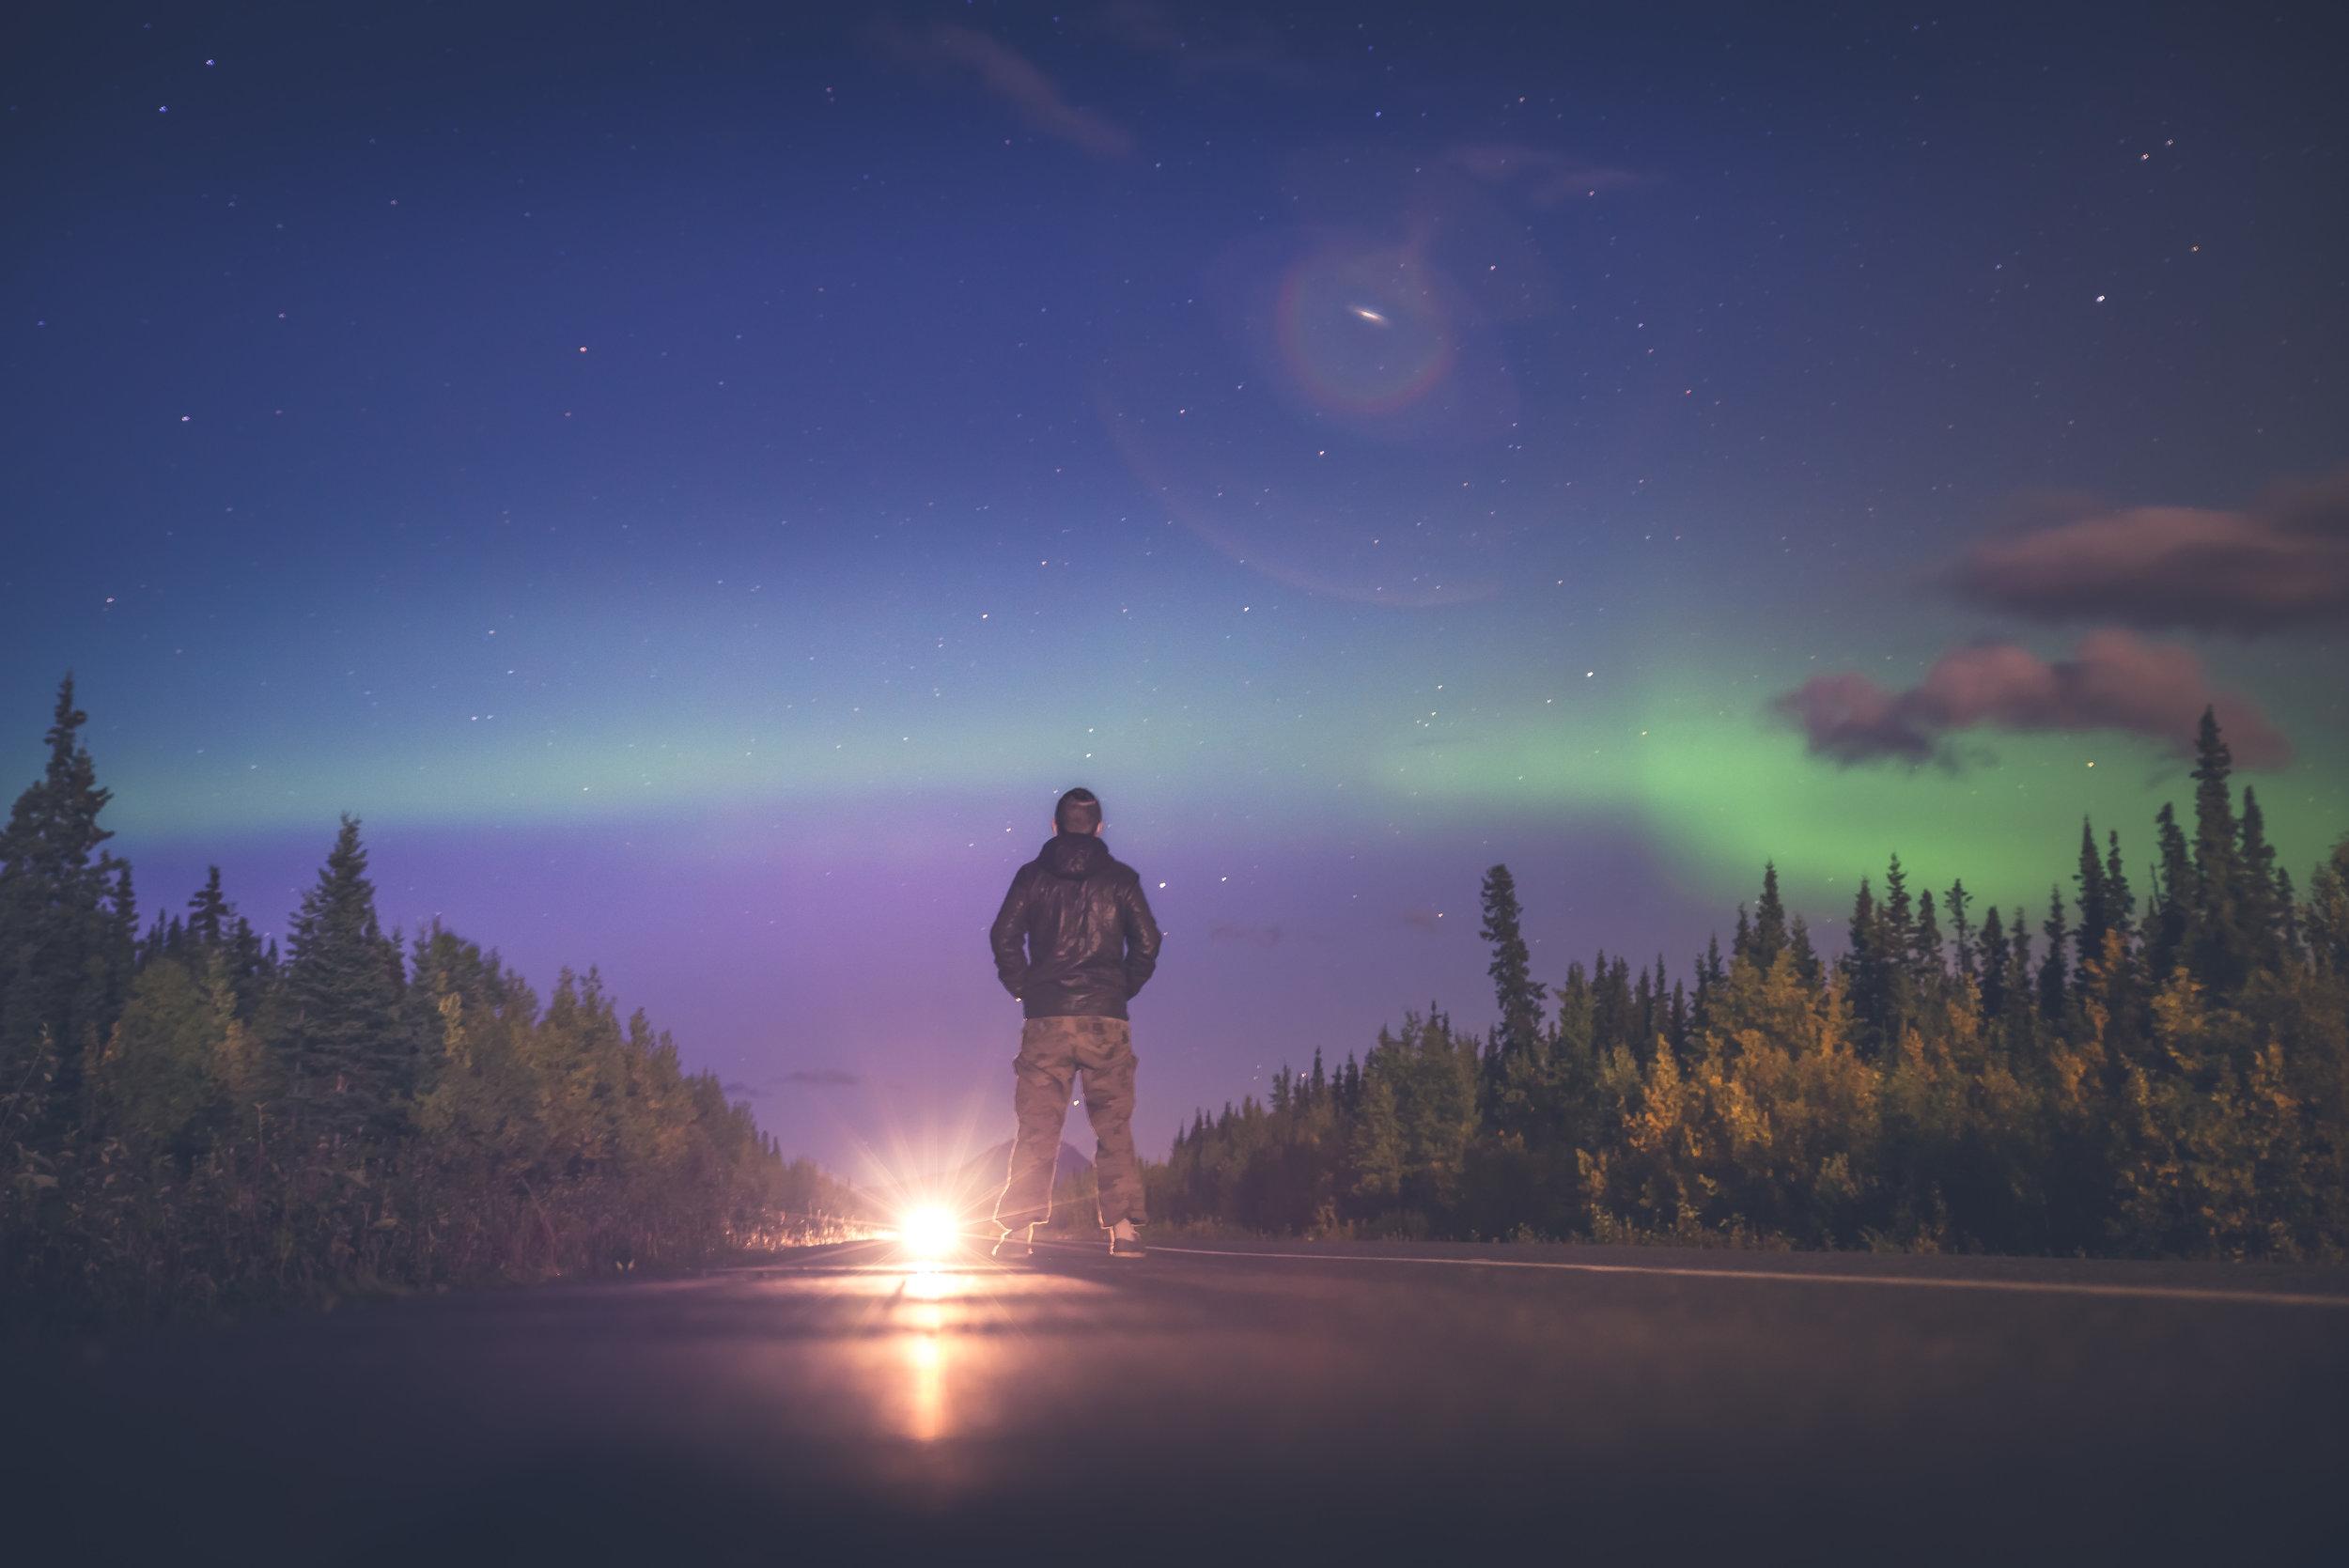 remicito photo, image du jour, photo du jour, aurores boréales, photo alaska, meilleur photographe français, best french photographer, photo de nuit, northern lights alaska, idée cadeau, tirage photo qualité, idée déco